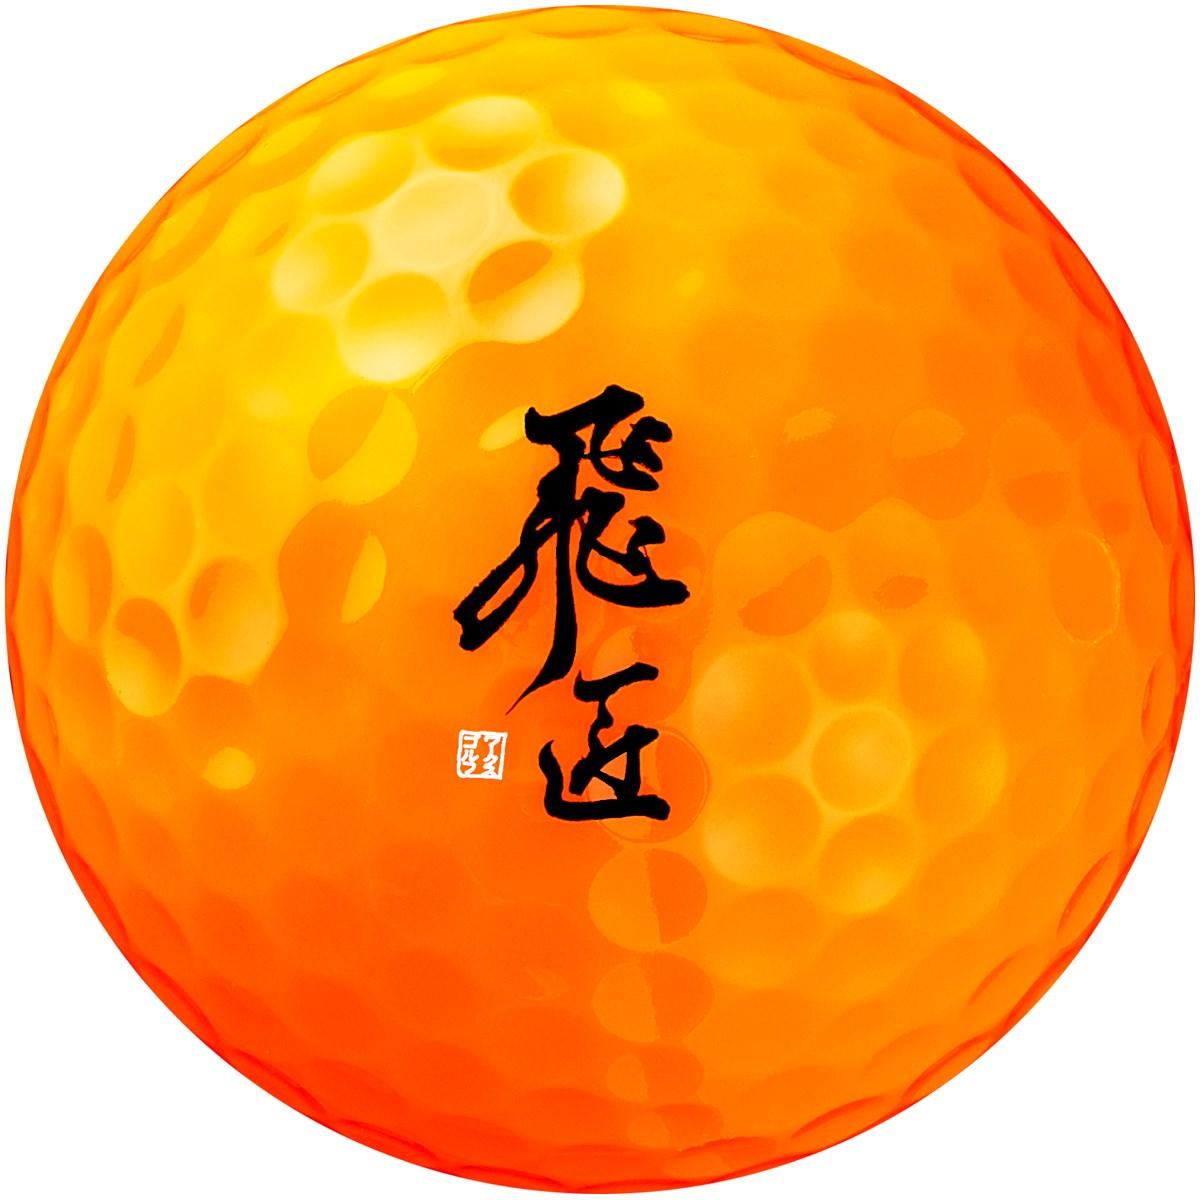 ワークス ゴルフ HISHO 飛匠 グリーンラベル 煌 ボール 1ダース(12個入り) オレンジ